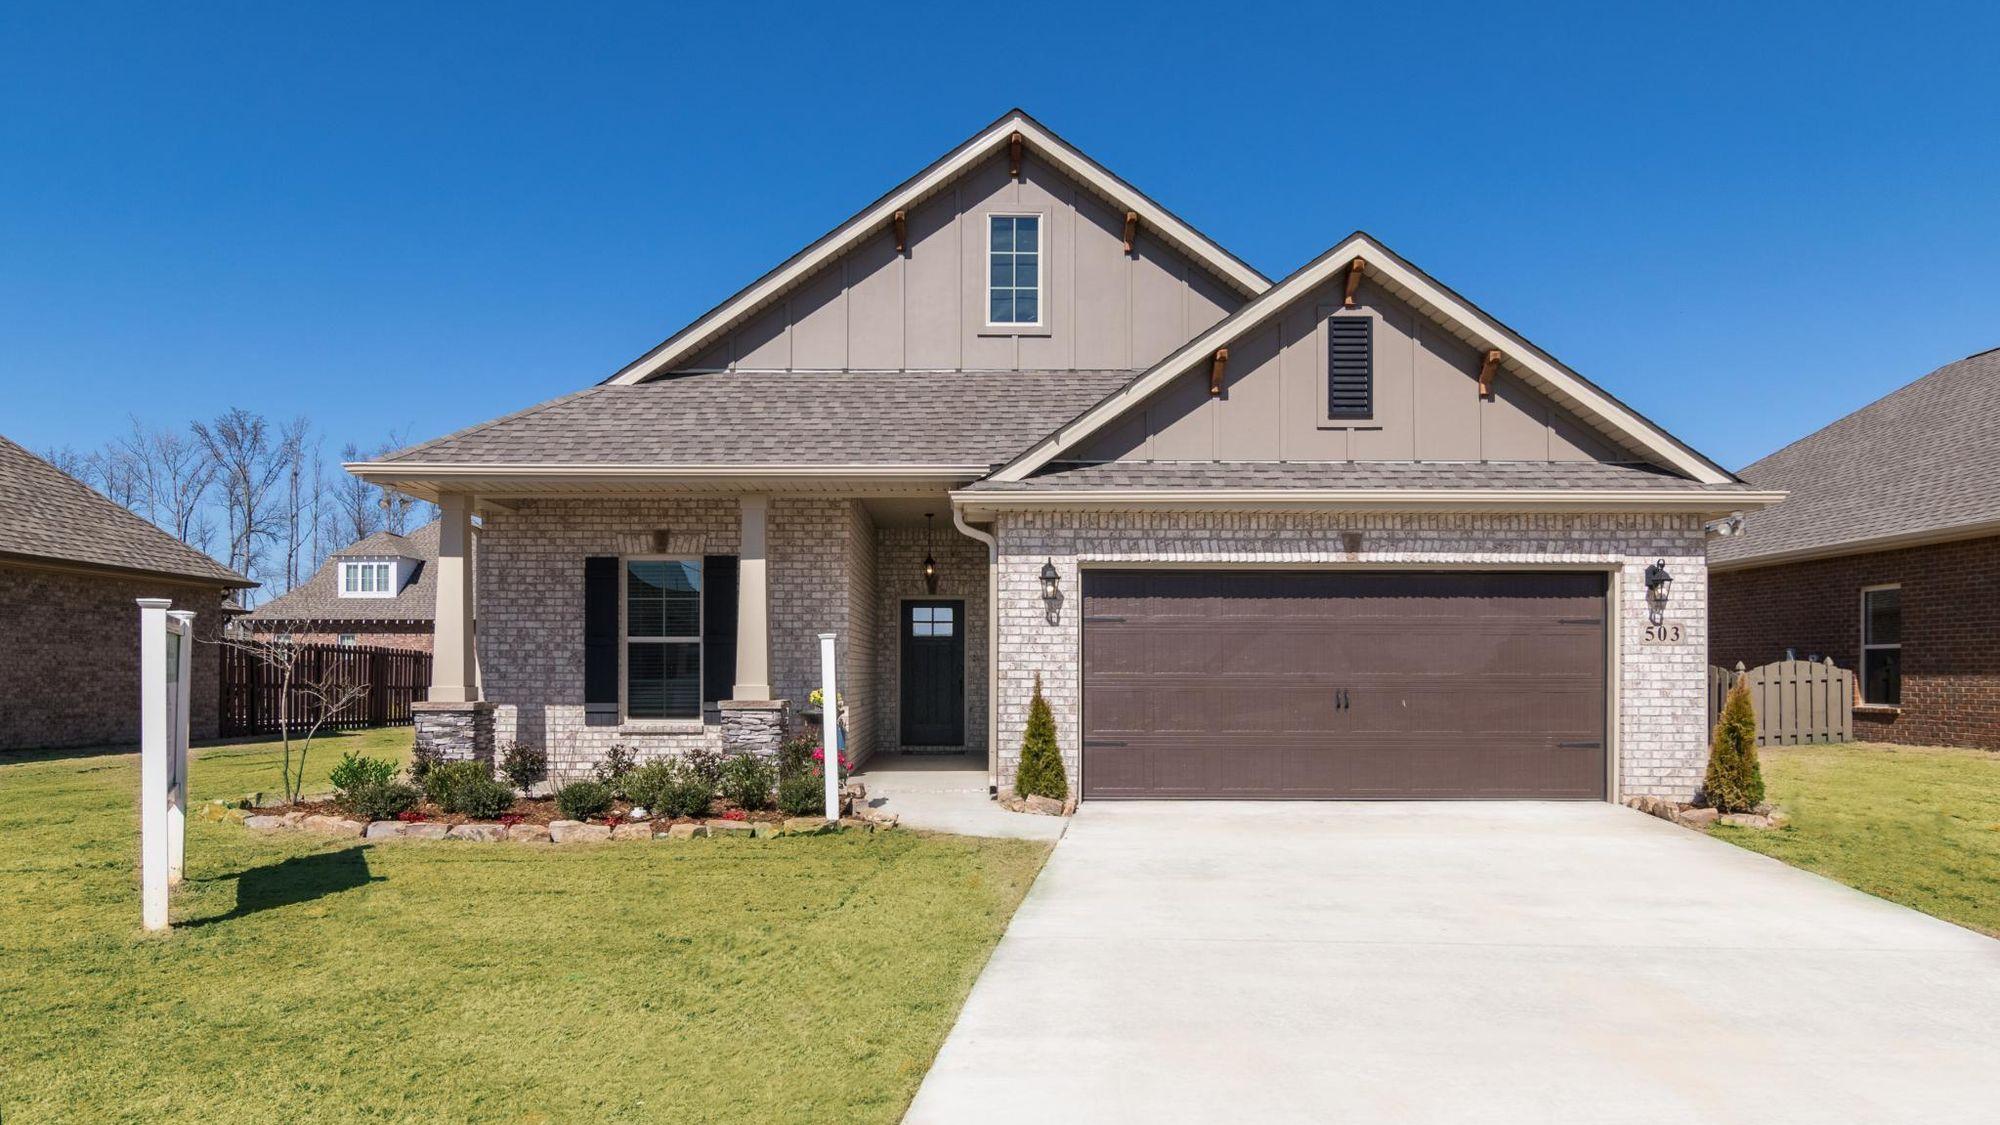 Front of Model Home - Park Place Community - DSLD Homes- Huntsville, Alabama